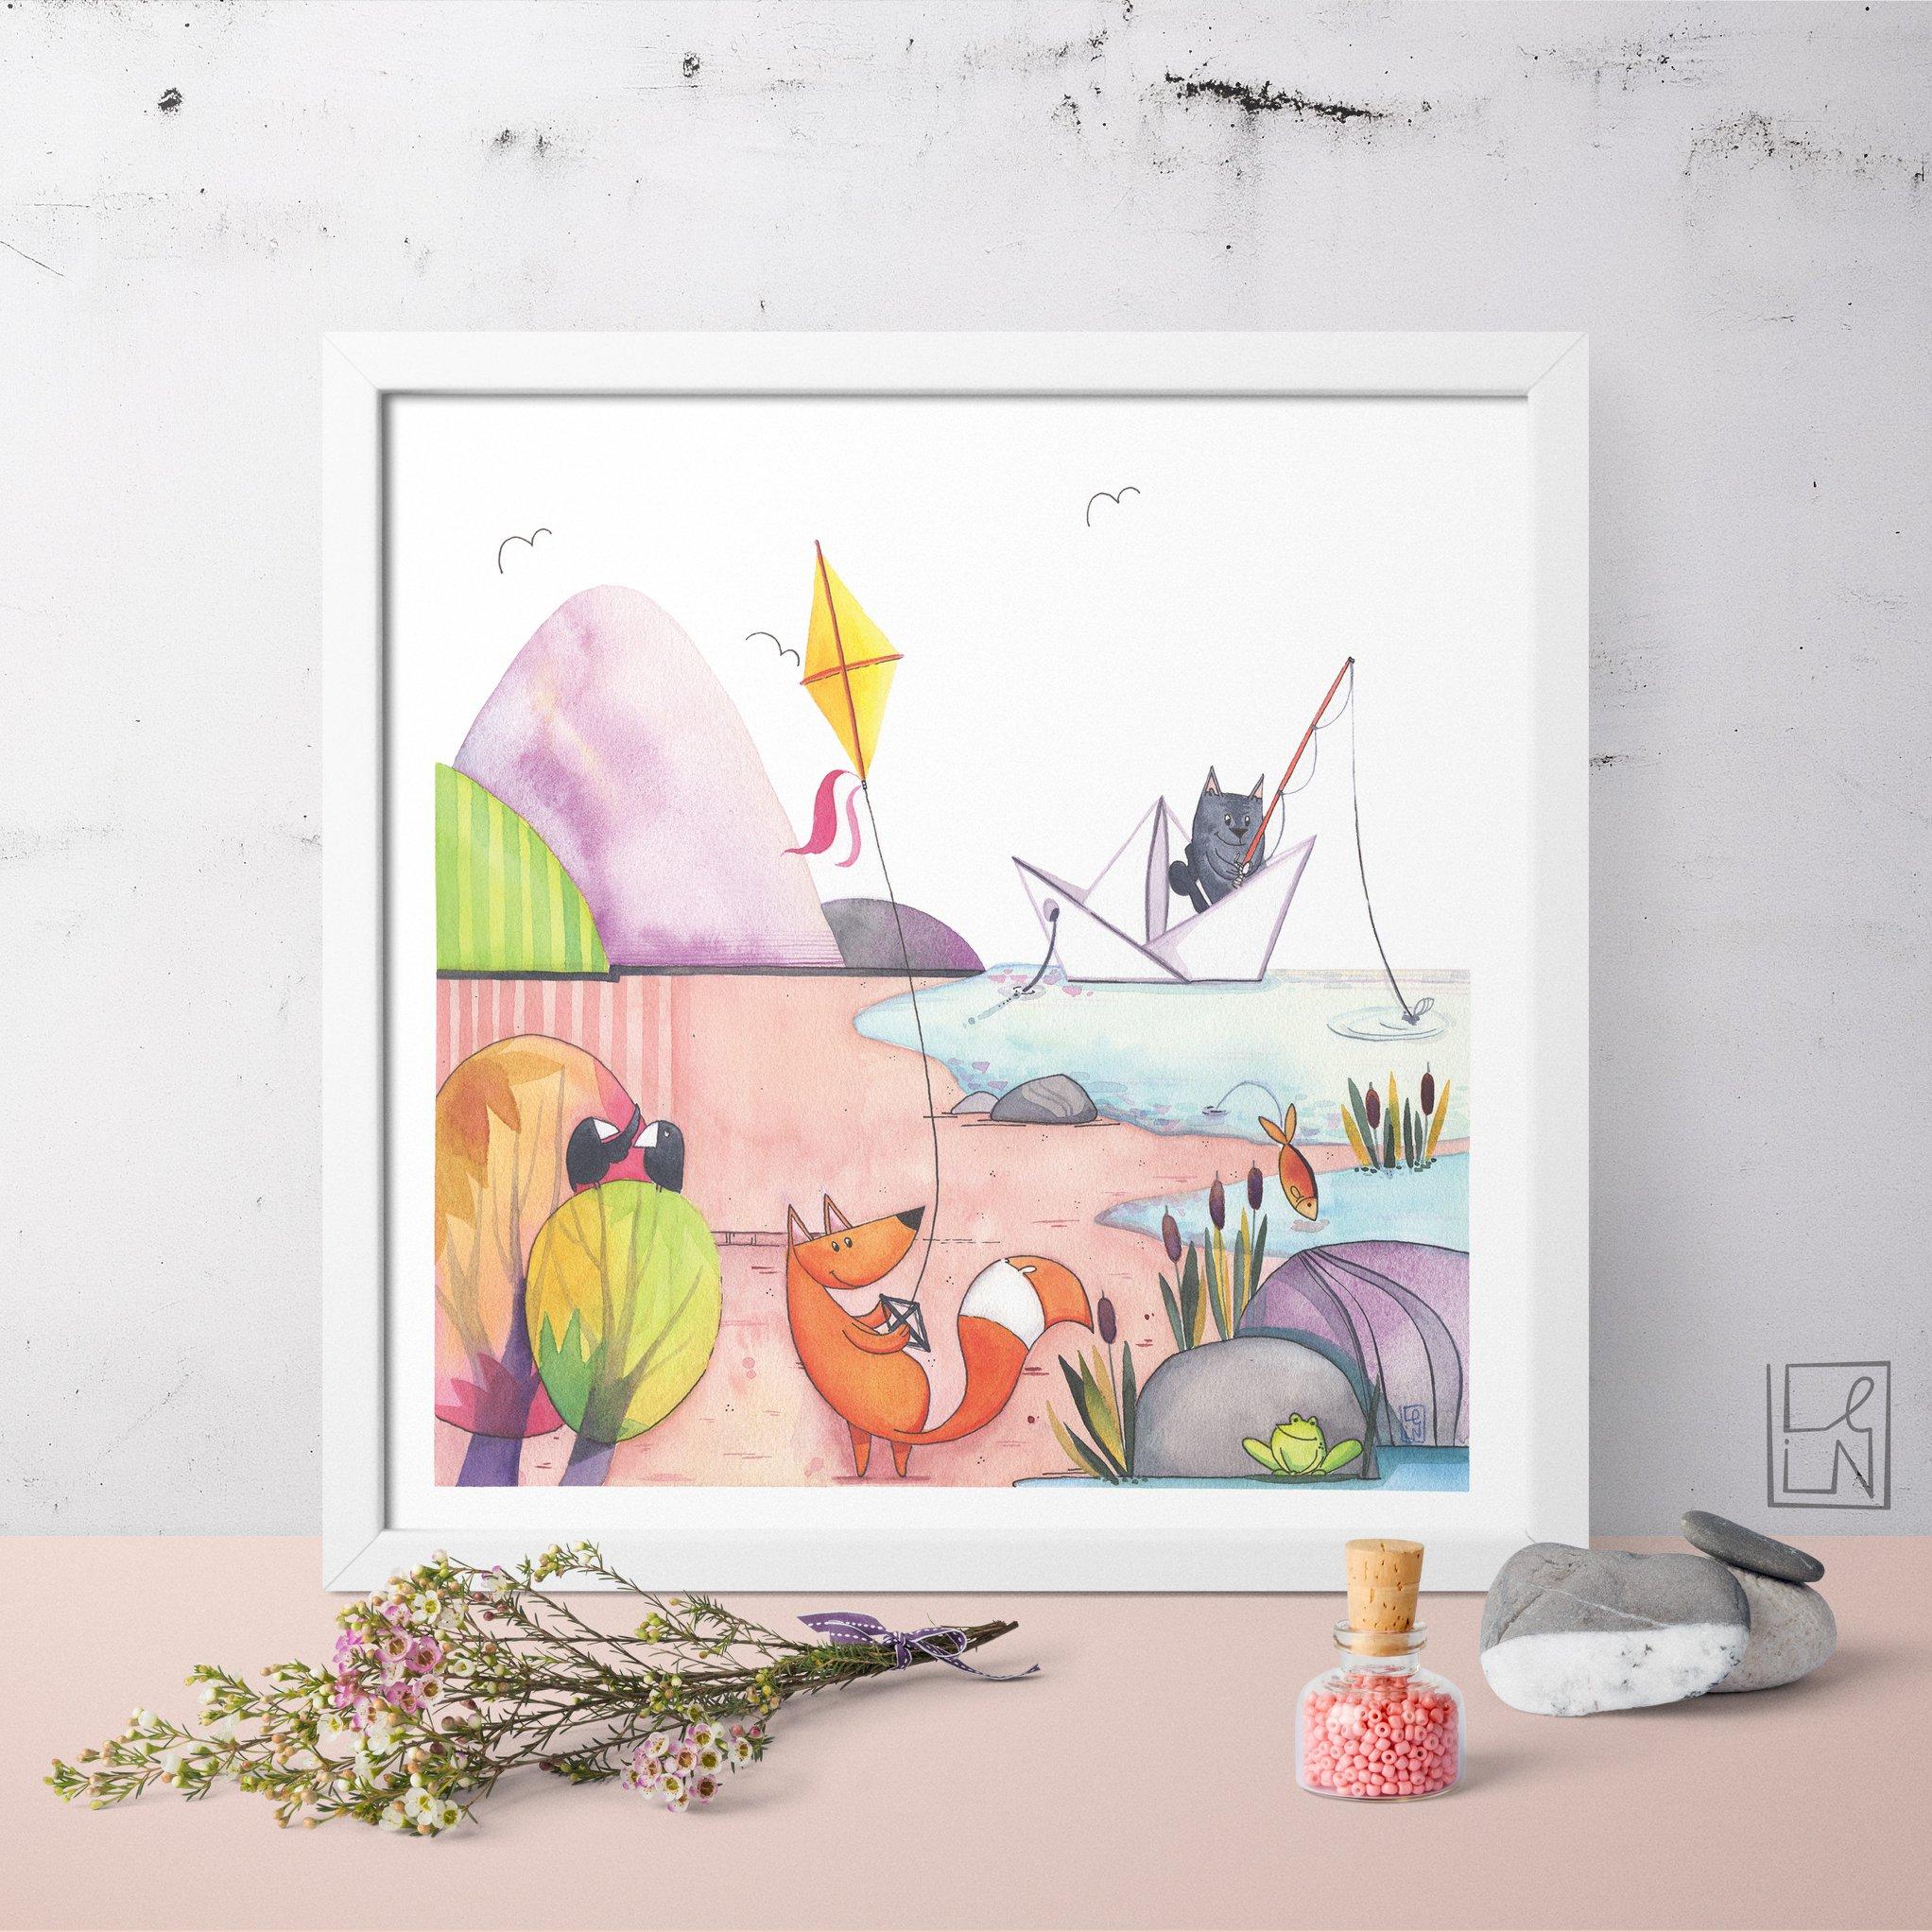 елена владинова, как да продаваш сам изкуството си, картини, свободна практика, илюстрации